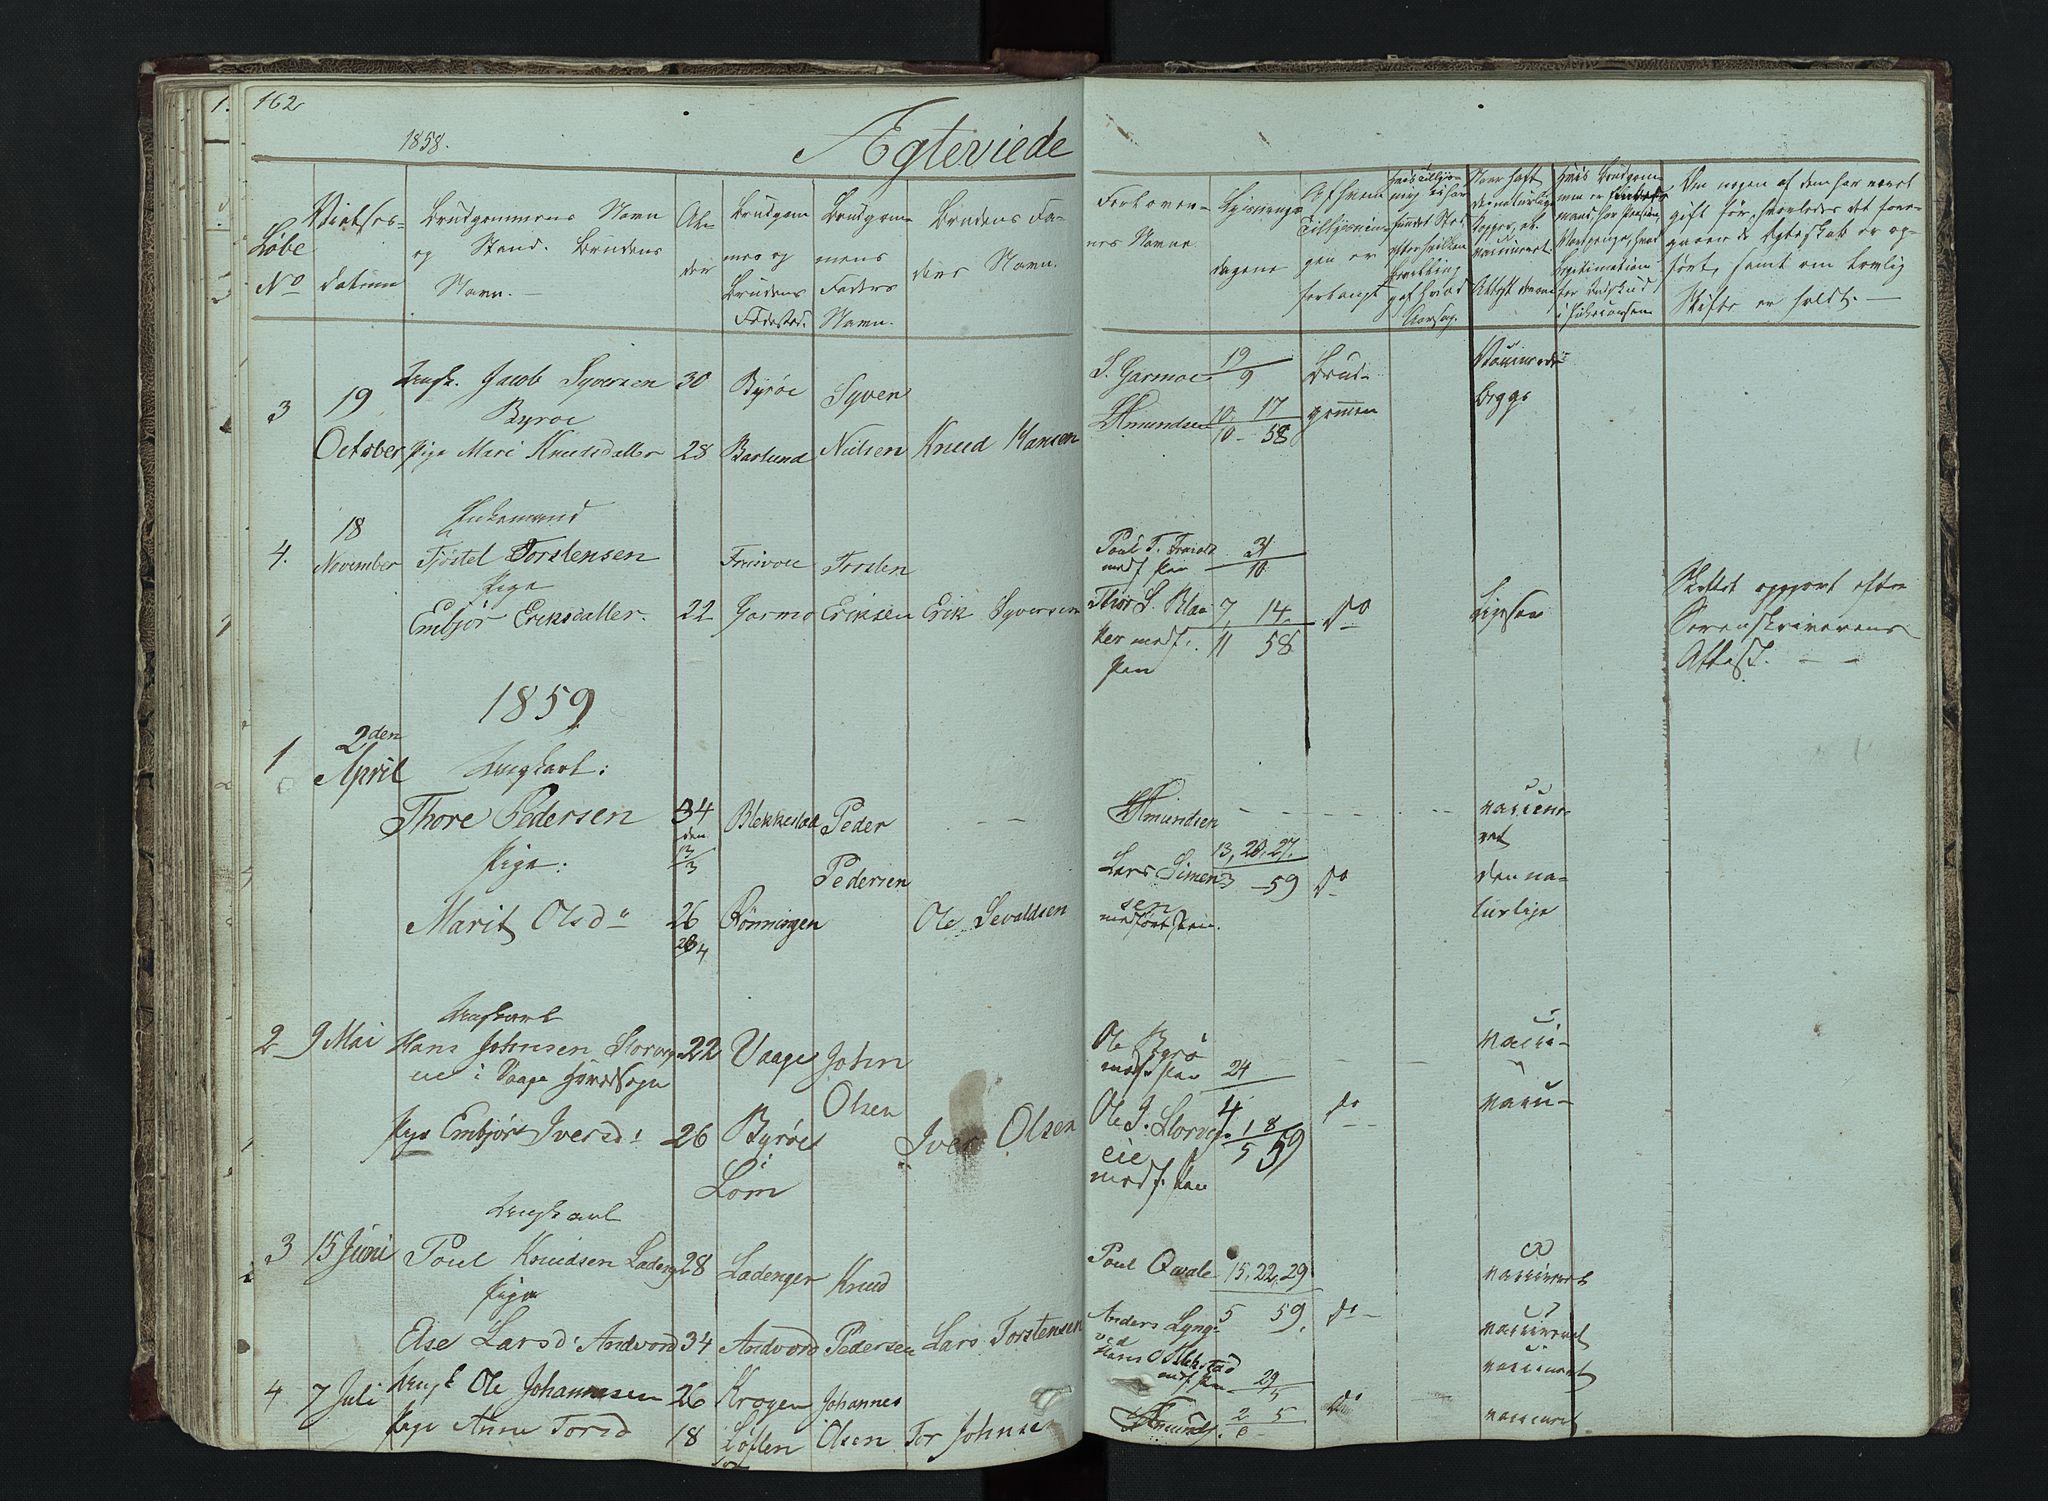 SAH, Lom prestekontor, L/L0014: Klokkerbok nr. 14, 1845-1876, s. 162-163